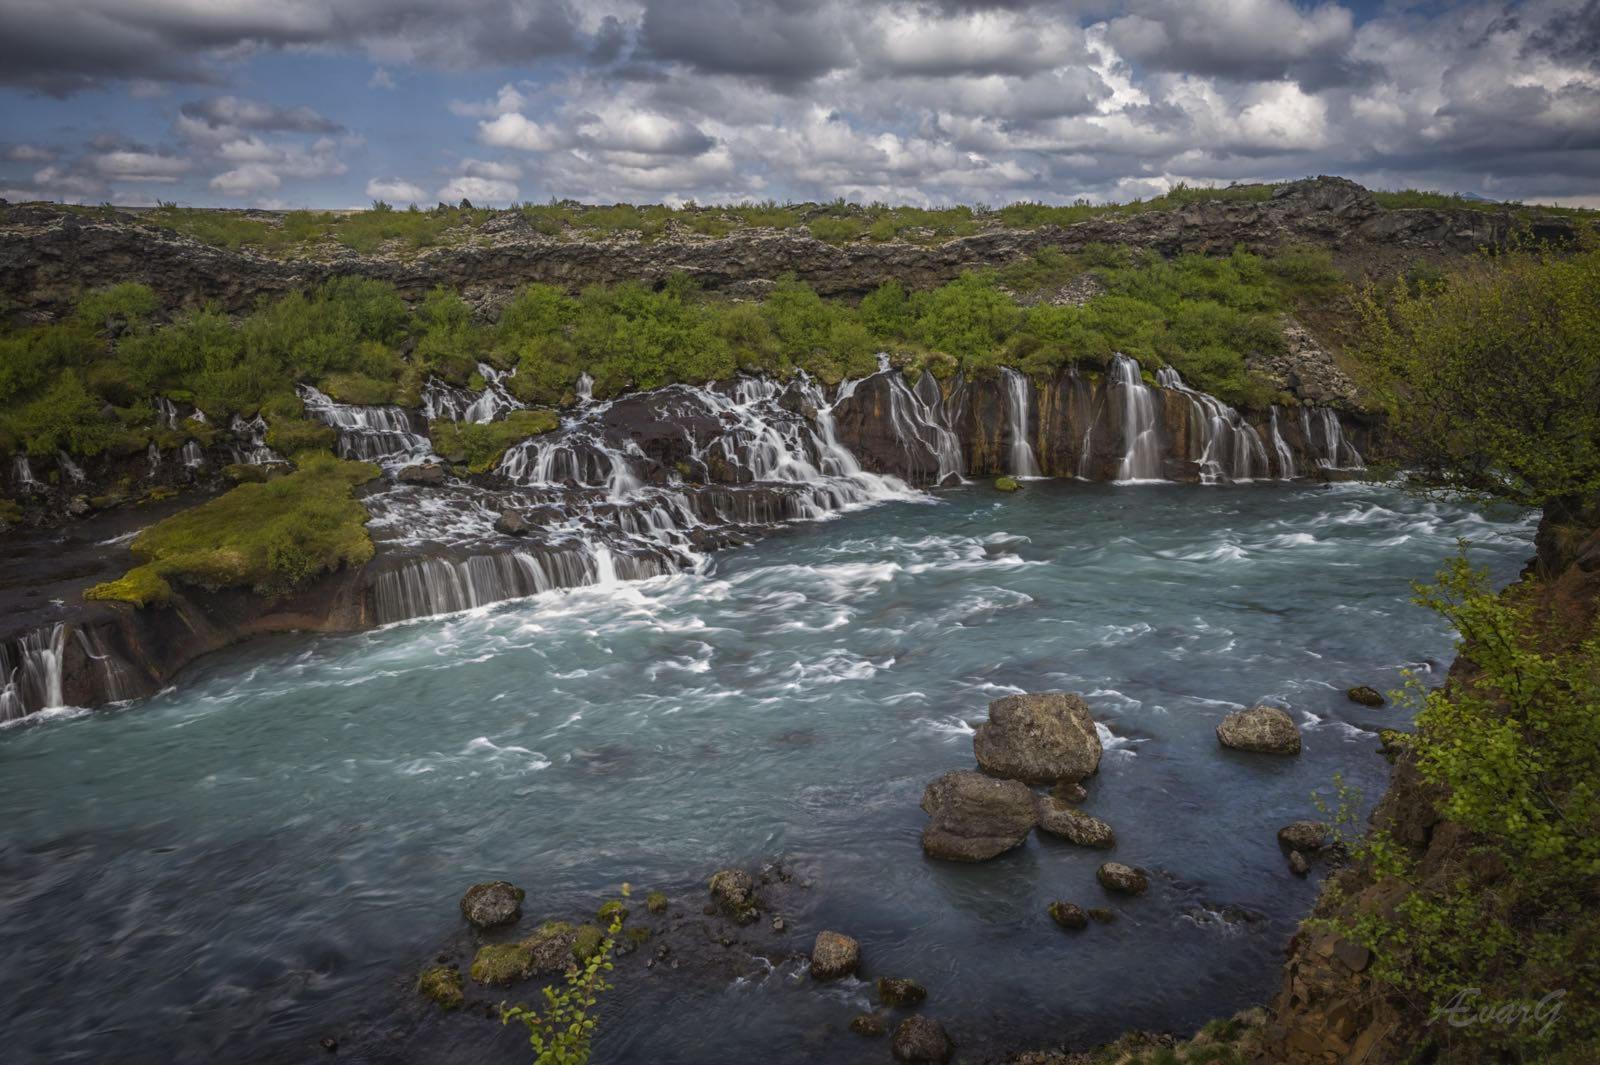 冰岛西部的熔岩瀑布由许多细小的水流汇成。